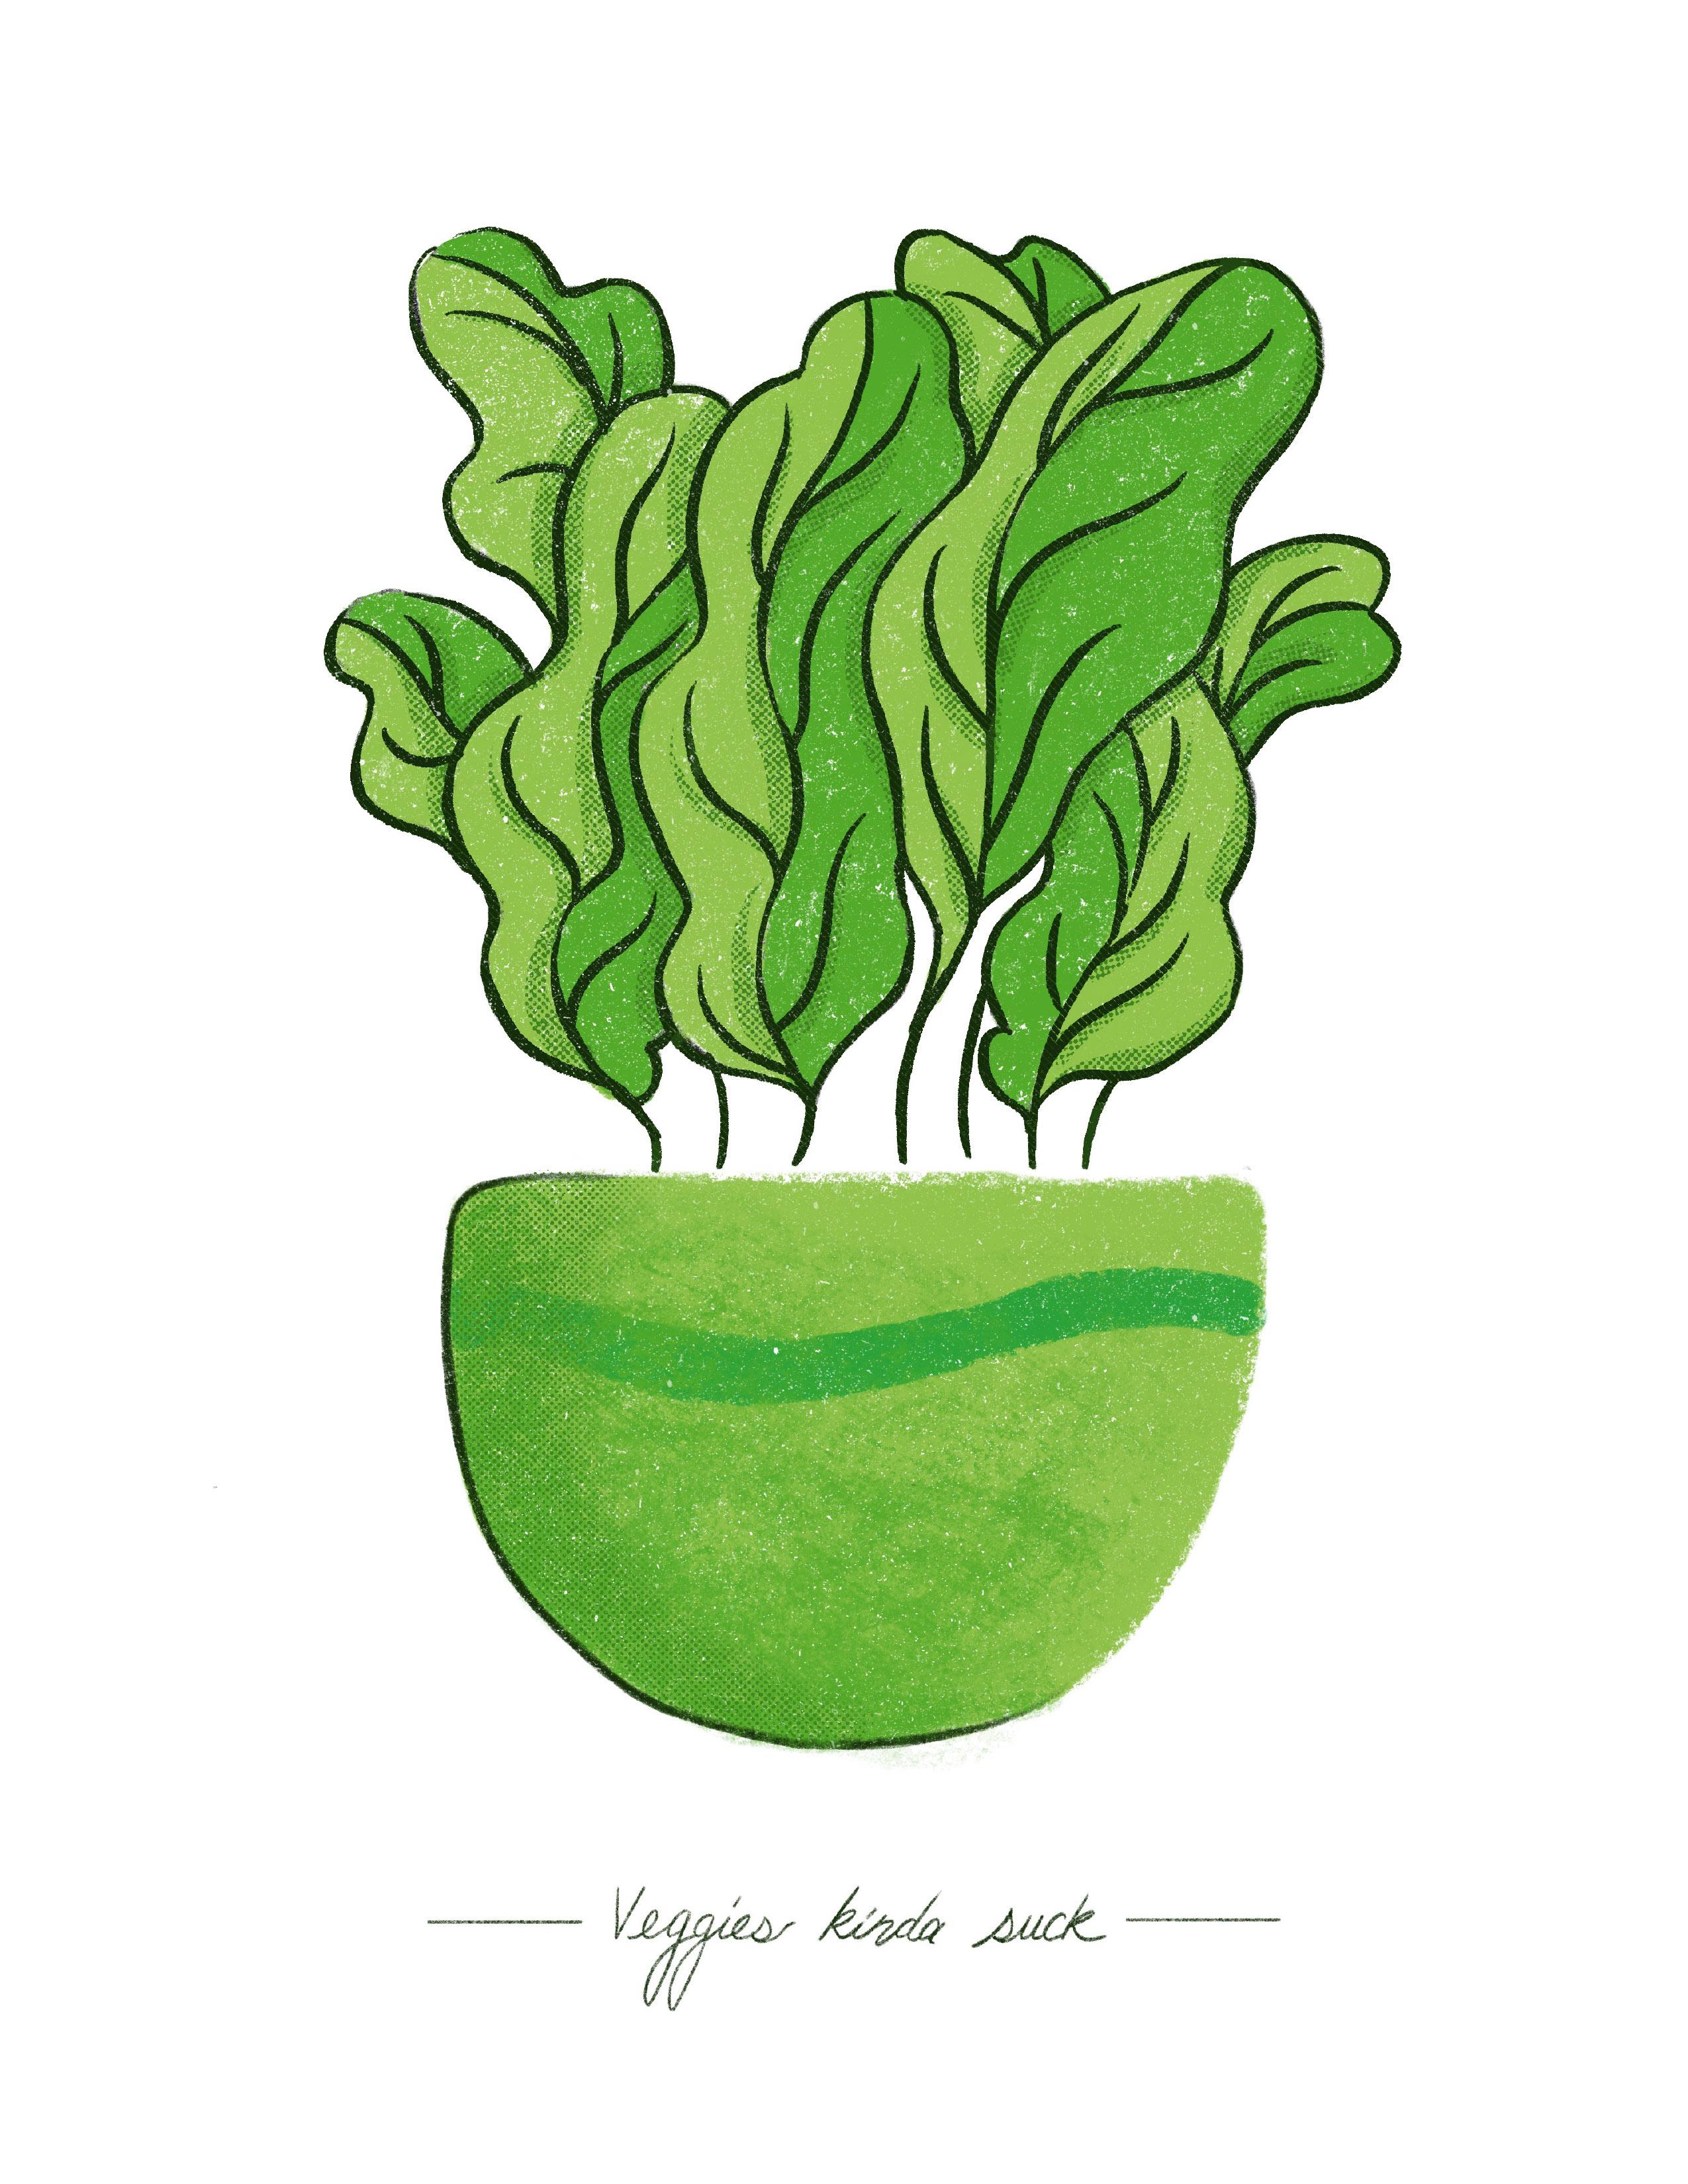 veggiessuck